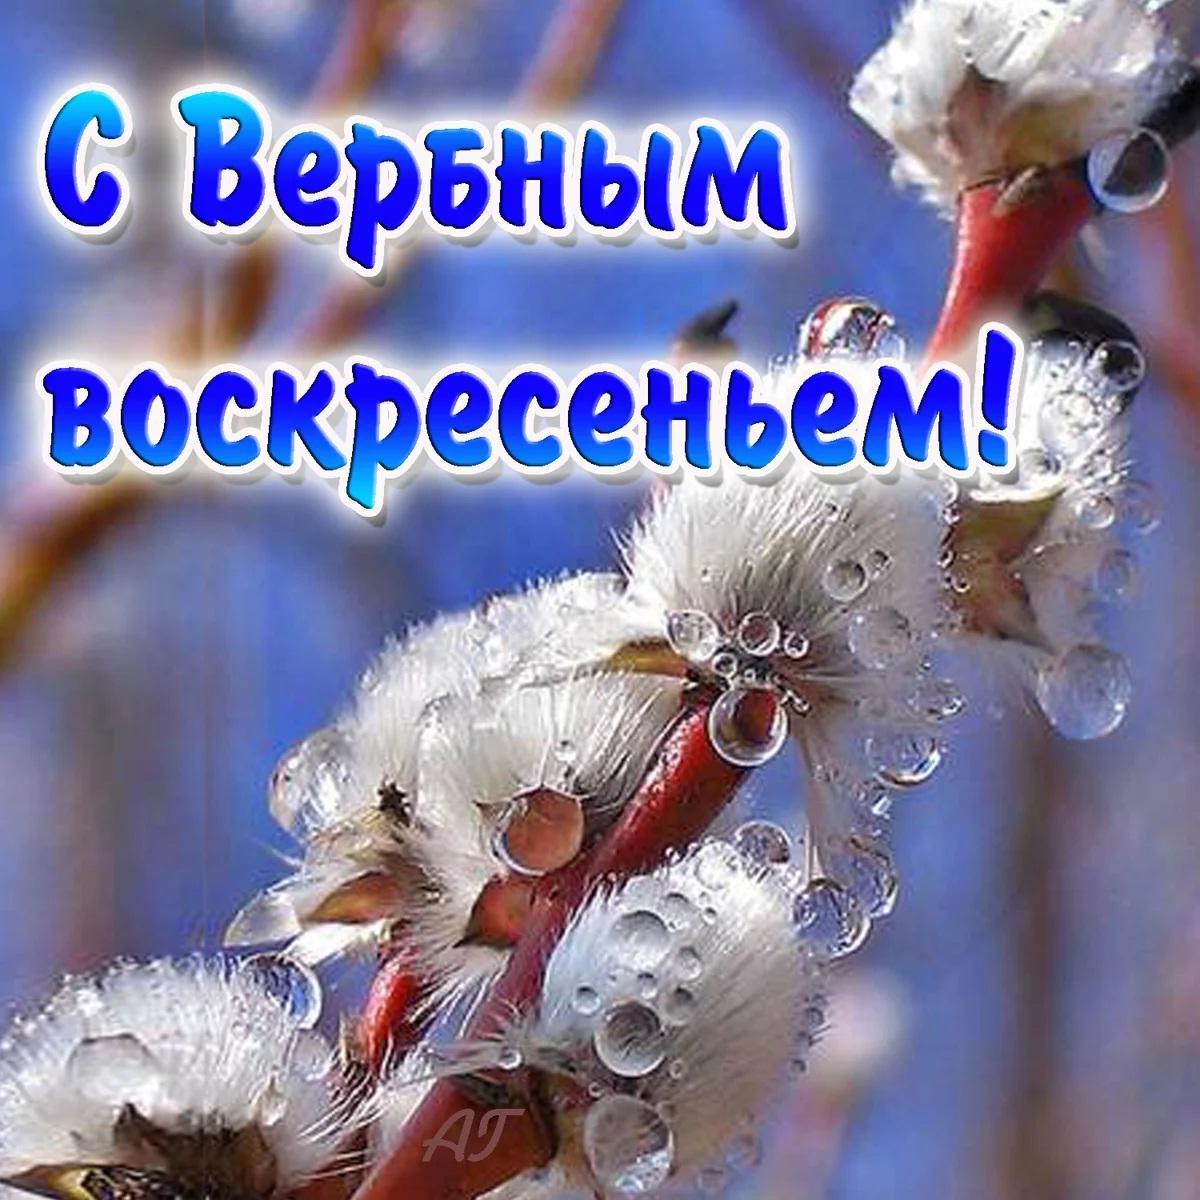 Фото Вербное воскресенье 25 апреля: красивые открытки и душевные поздравления 13